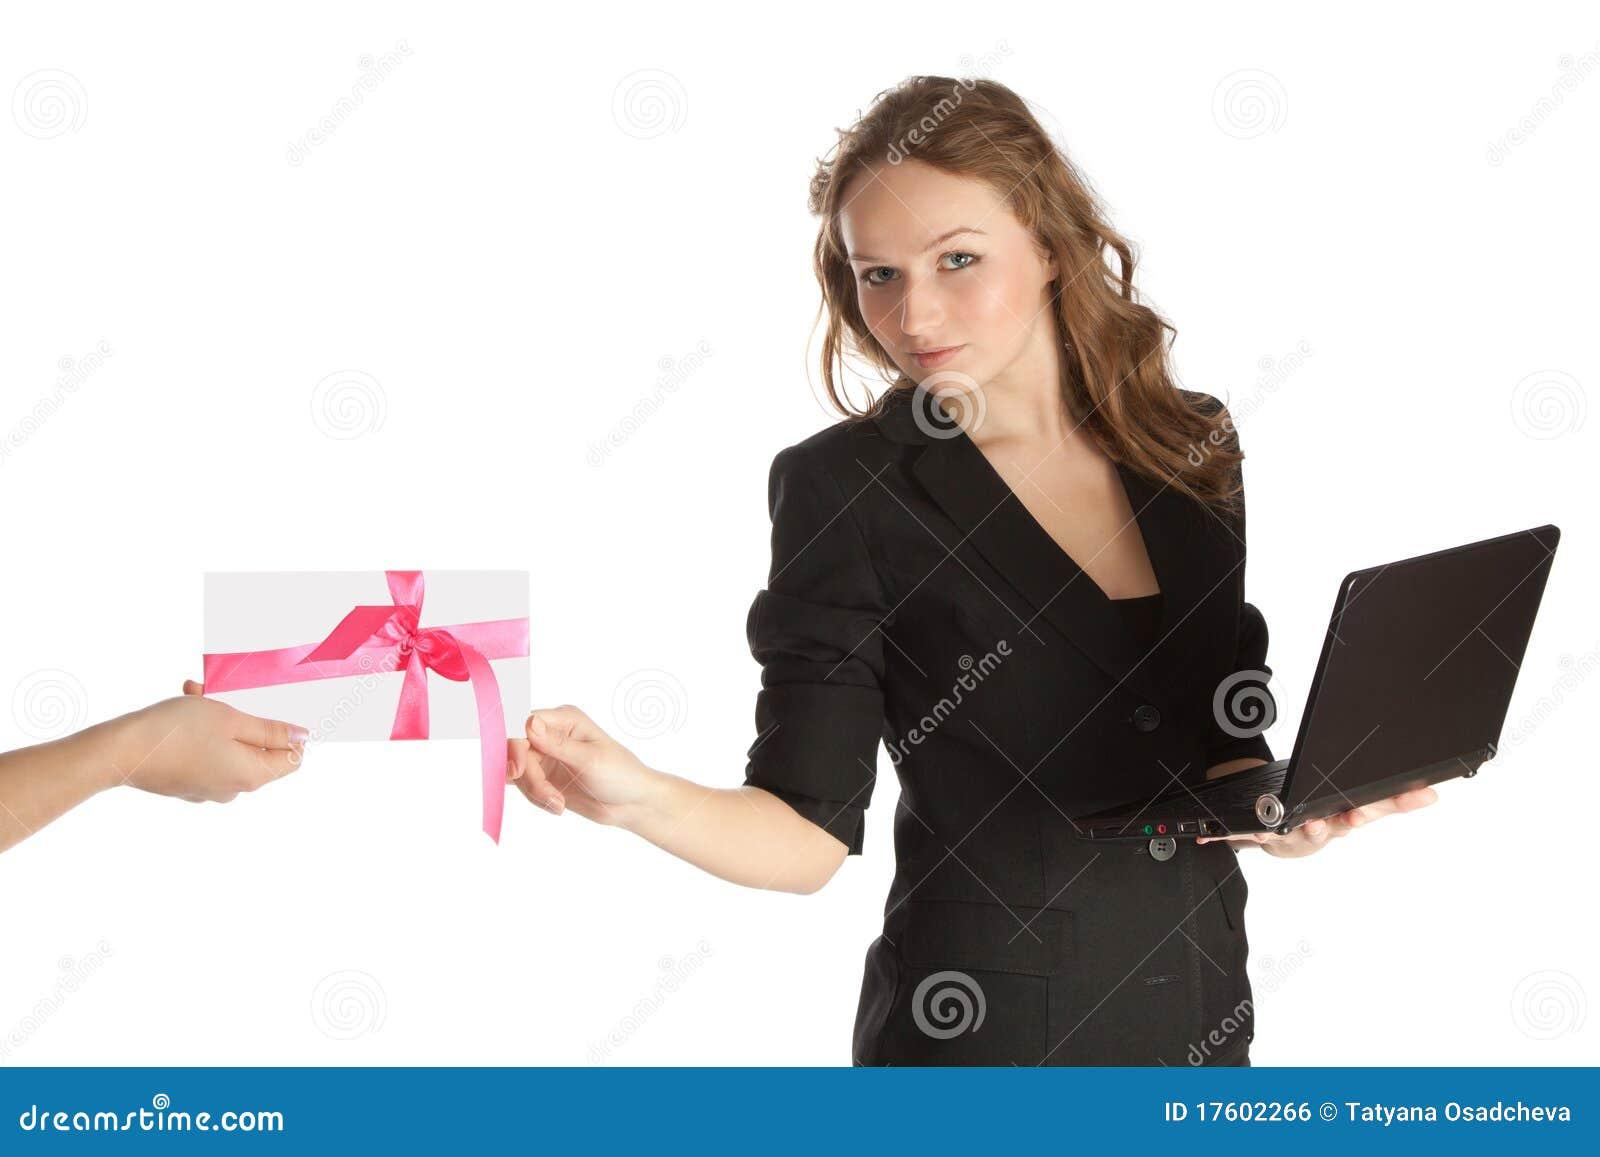 Открытка, открытка деловой женщине